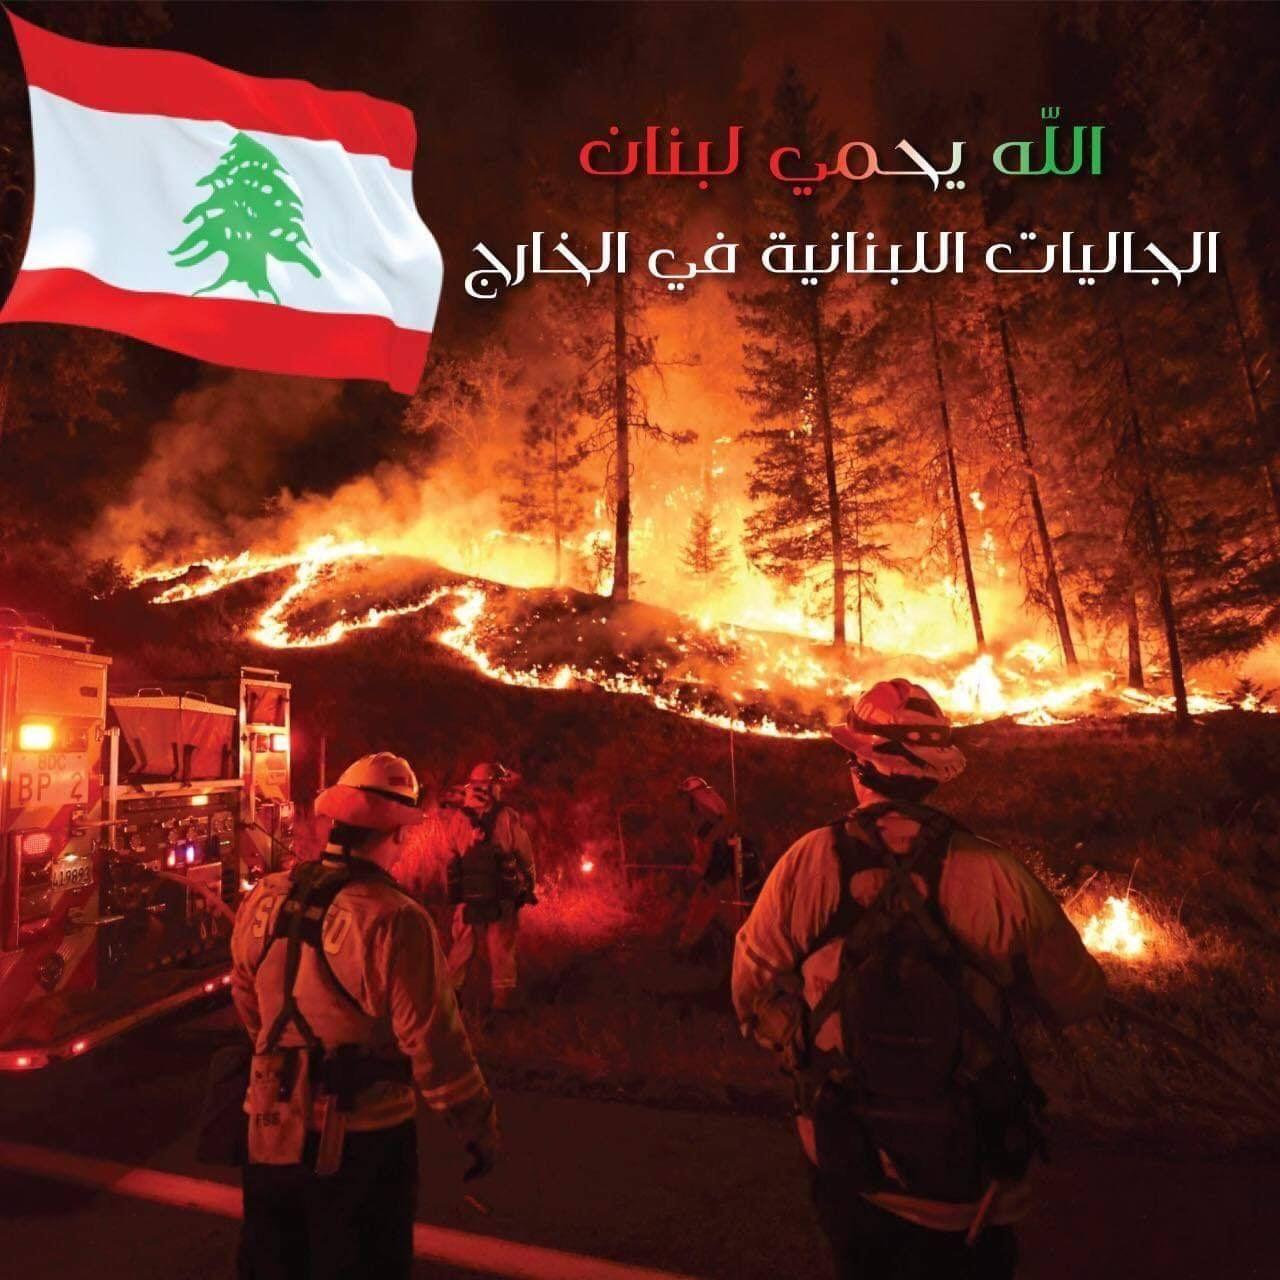 الله أكبر الله أكبر الله أكبر اللهم أنزل المطر صي با نافعا على جبال لبنان بقدرتك يا